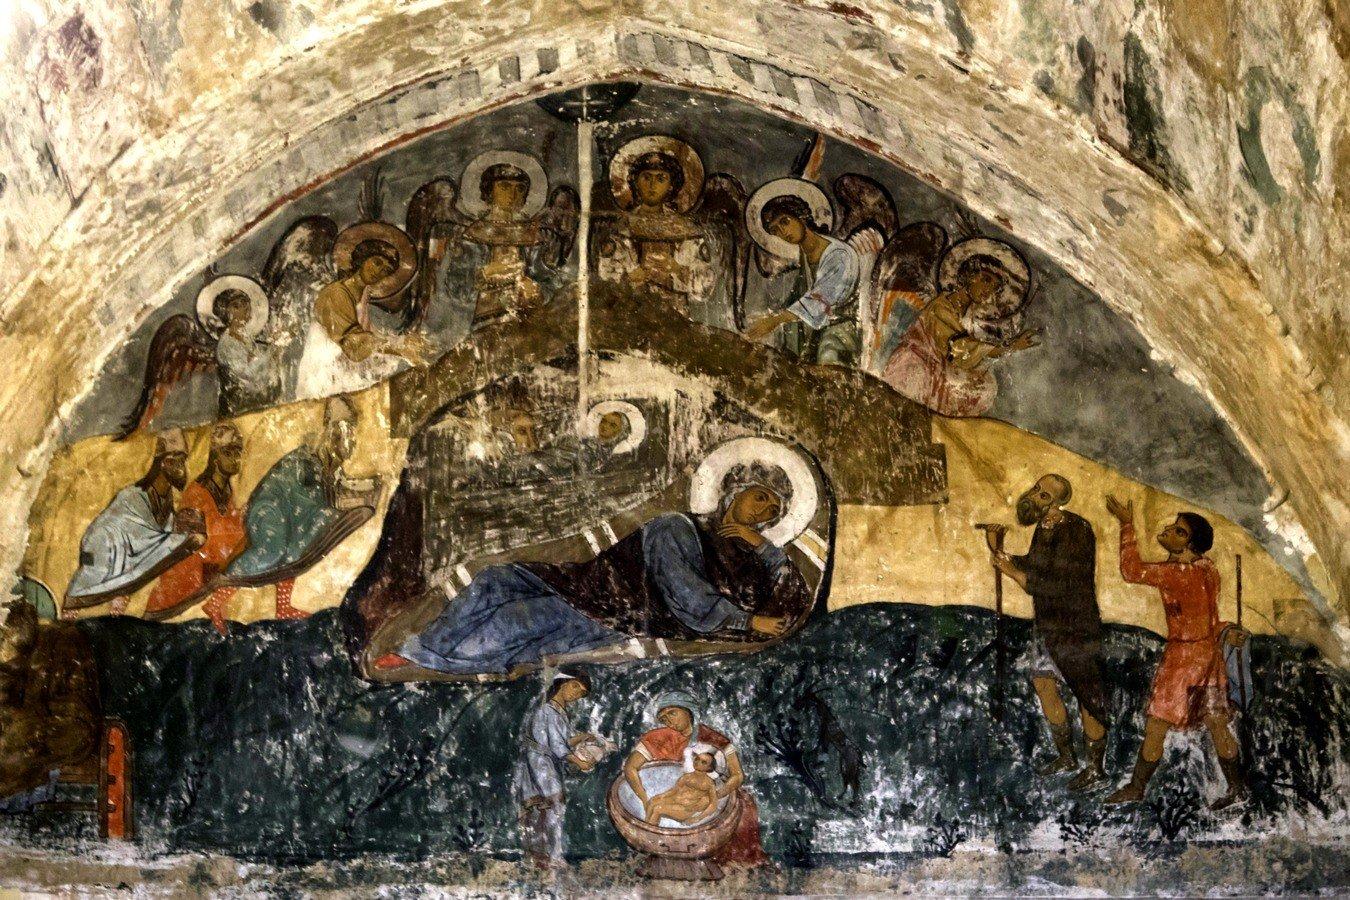 Рождество Христово. Фреска храма Святого Саввы в монастыре Сапара, Грузия. Начало XIV века.